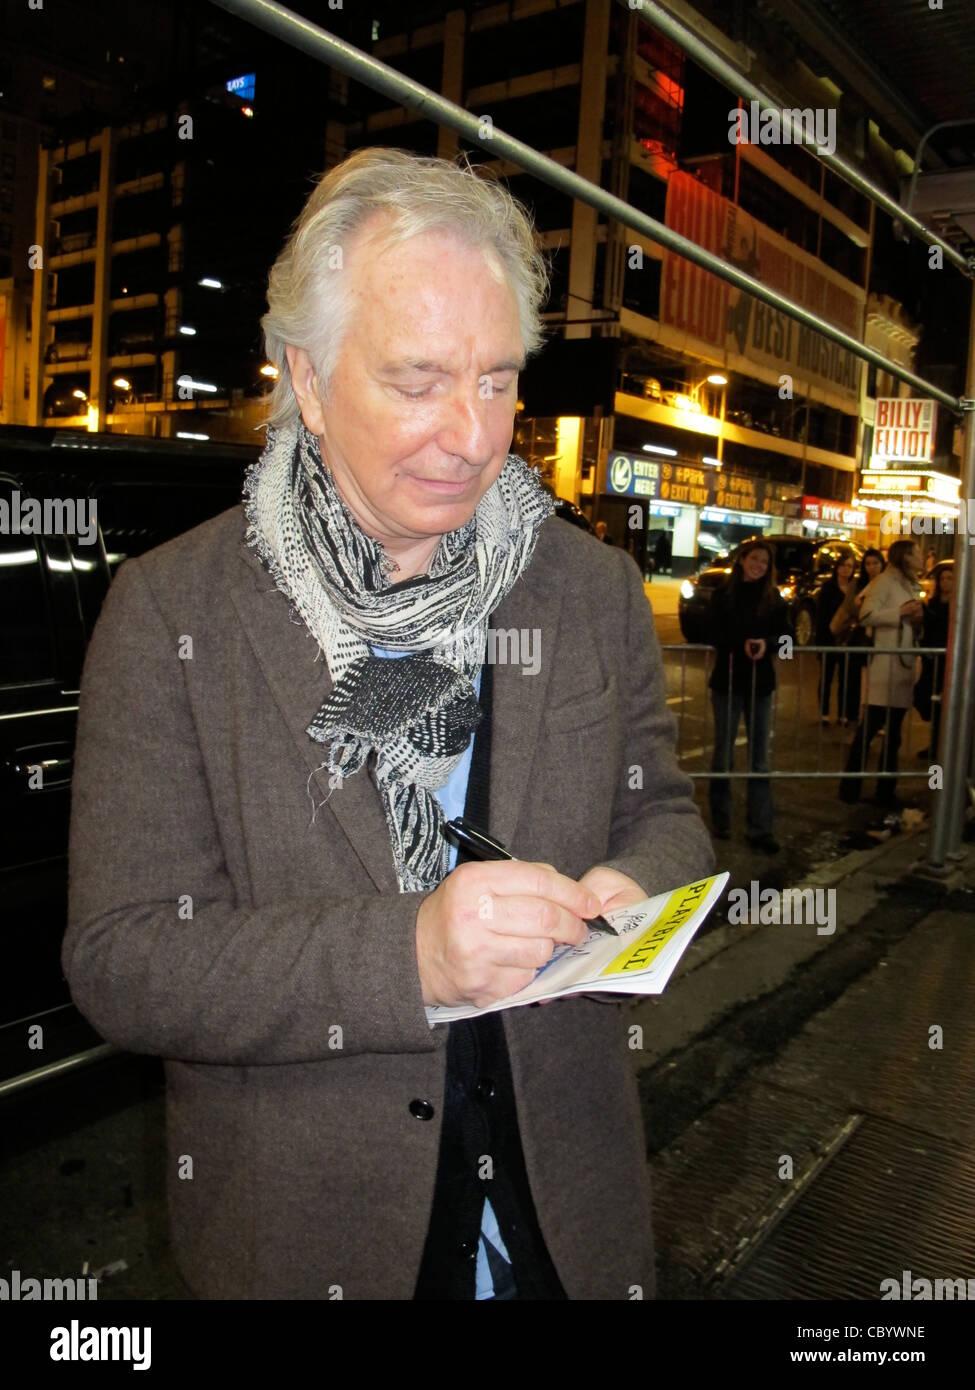 Actor Alan Rickman Signing an Autograph after a Broadway play - Stock Image